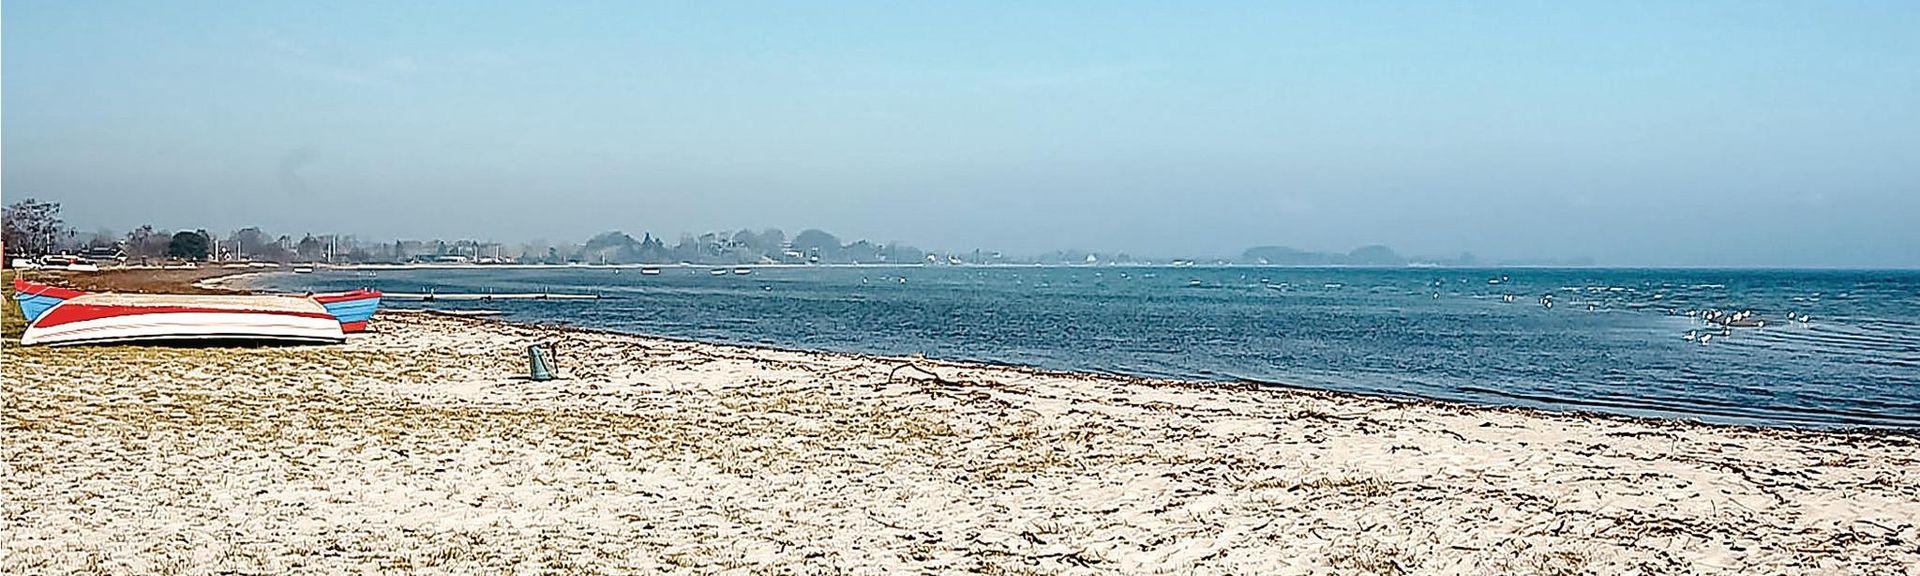 Grønninghoved Strand, Sjølund, Danemark-du-Sud, Danemark